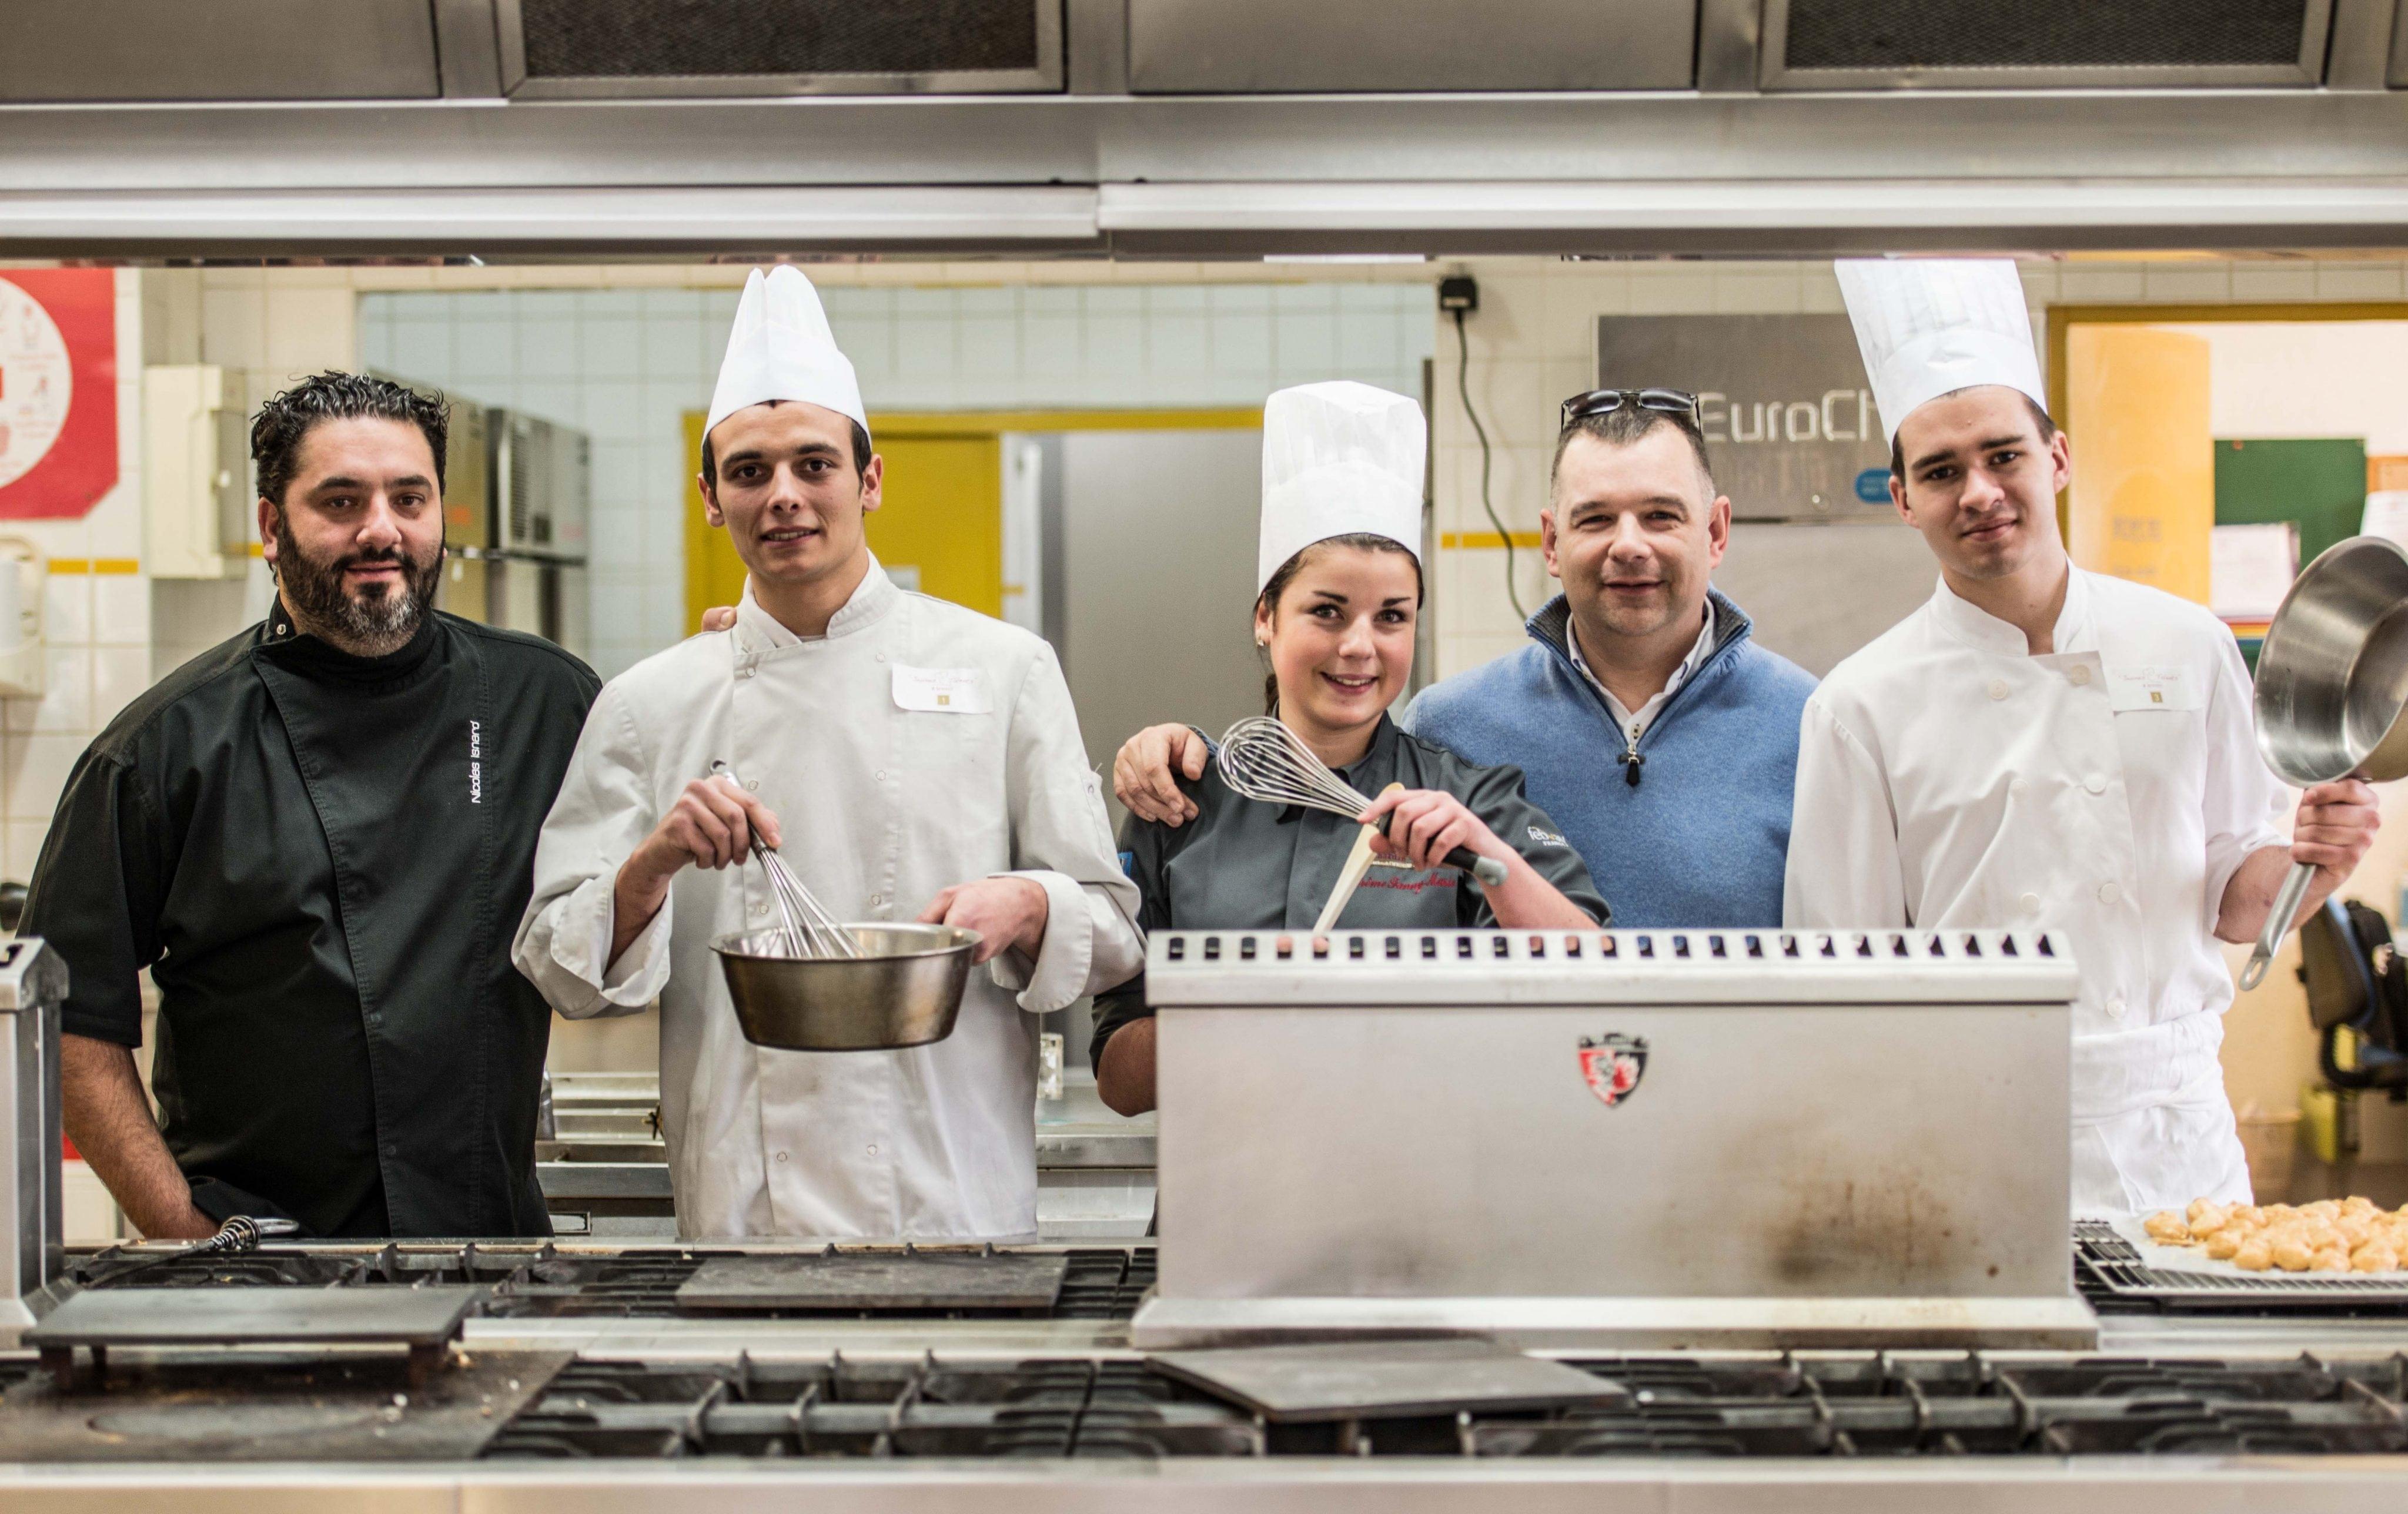 jeunes talents, la cuisine interne d'un jury - dijonbeaune.fr